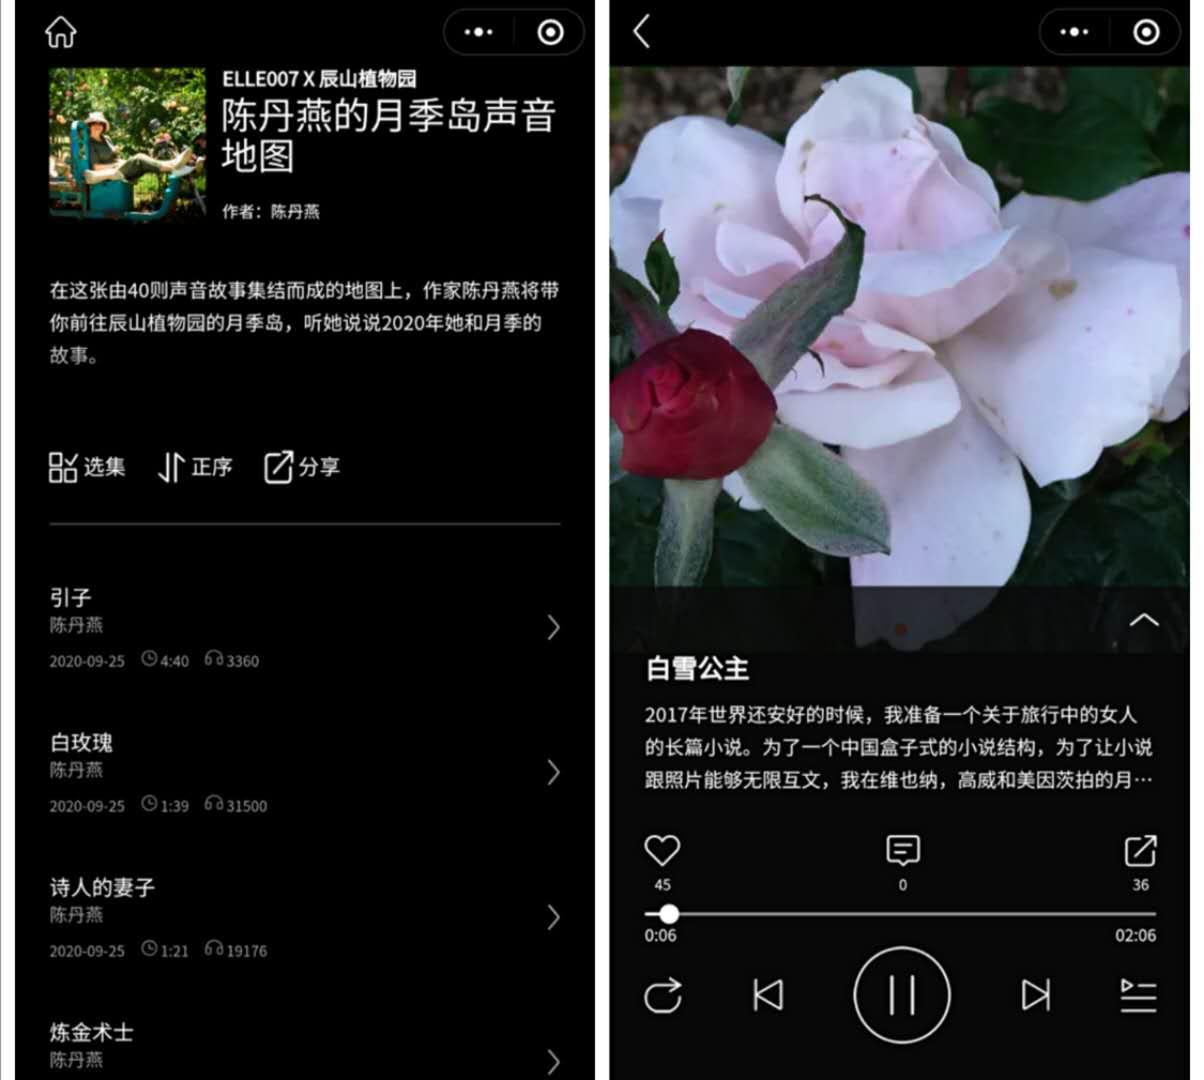 """""""陈丹燕月季故事声音地图""""。ELLE007是ELLE在2020年推出的全新音频产品,除了同名小程序之外,也可以喜马拉雅、Applepodcasts和QQ音乐等平台搜索收听。"""